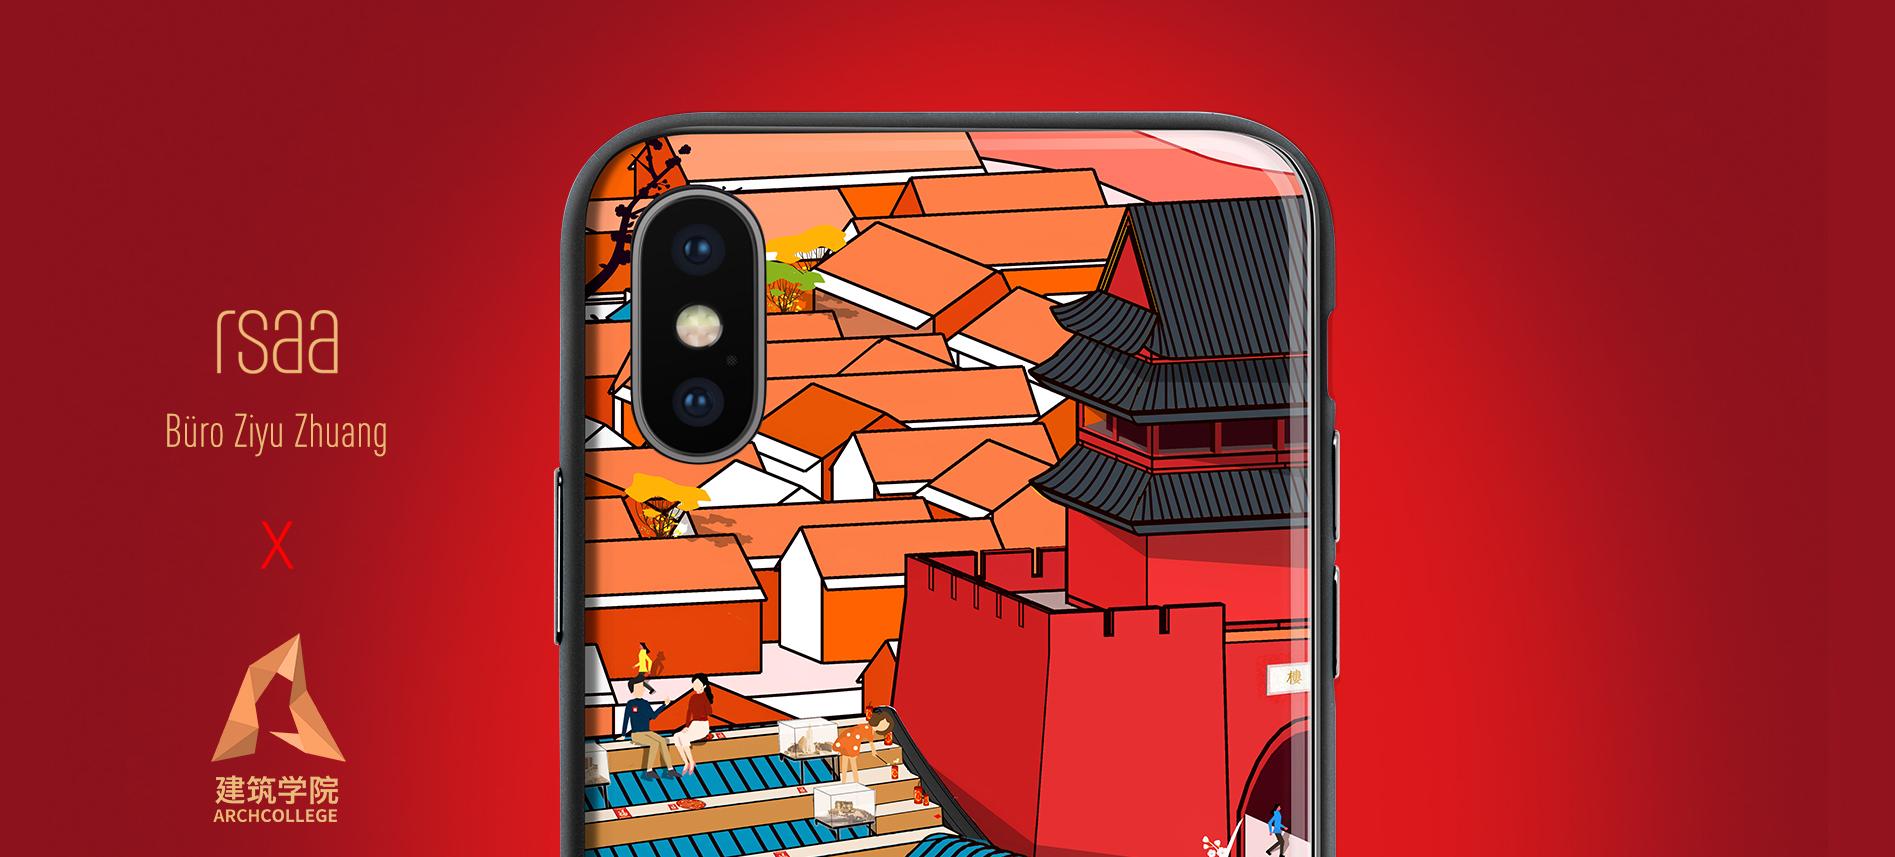 这个春节,建筑学院为建筑师准备了特殊的手机壳